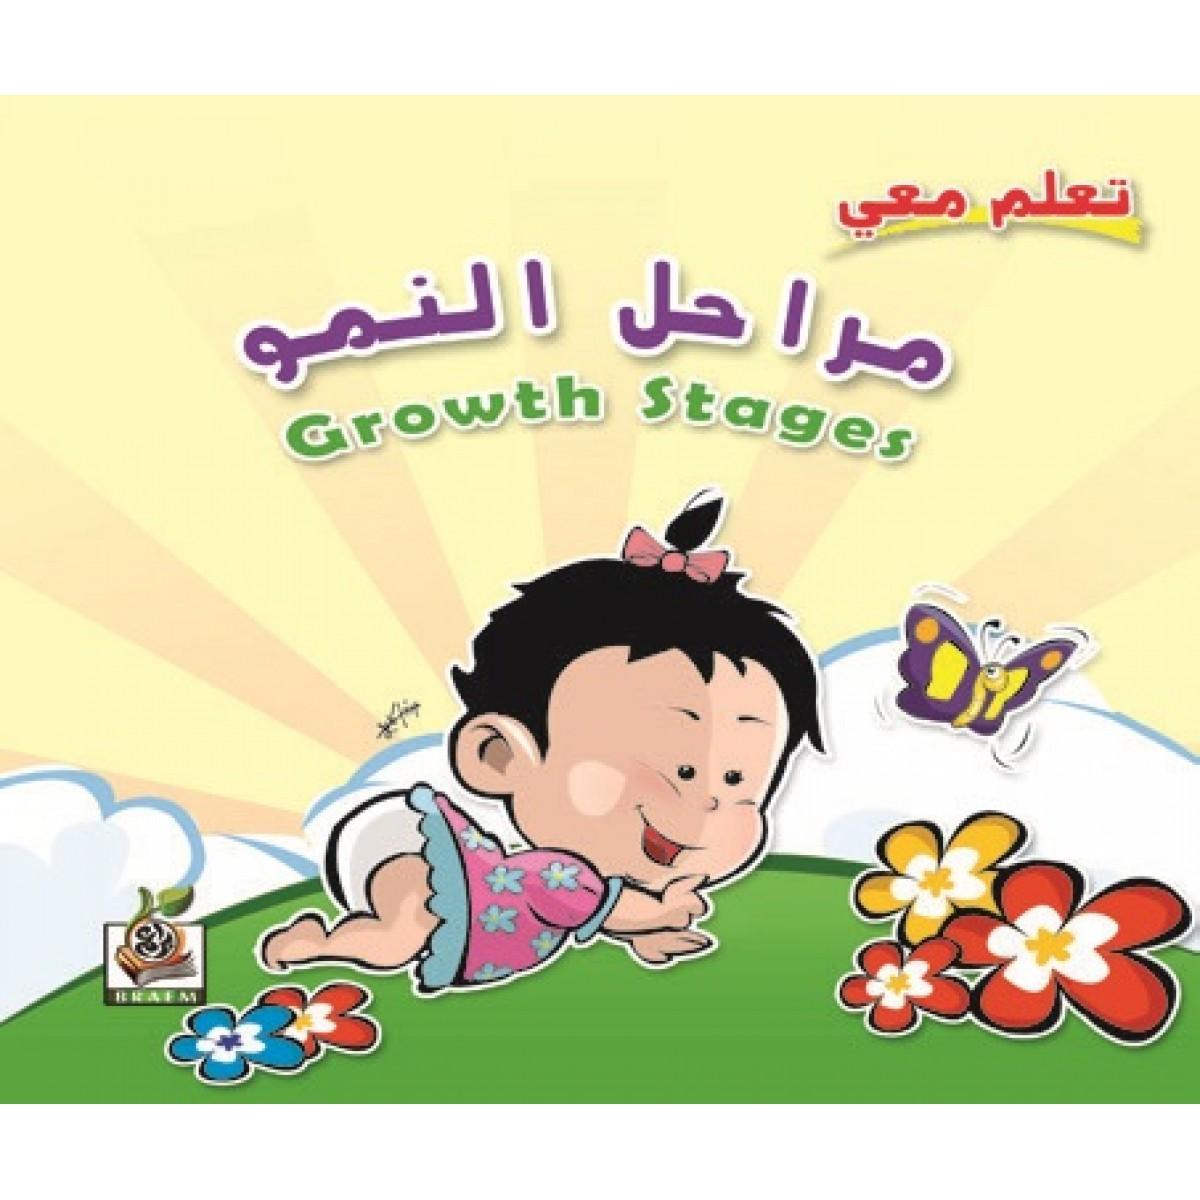 تعلم معي مراحل النمو ، مقاس الكتاب 23*23 سم